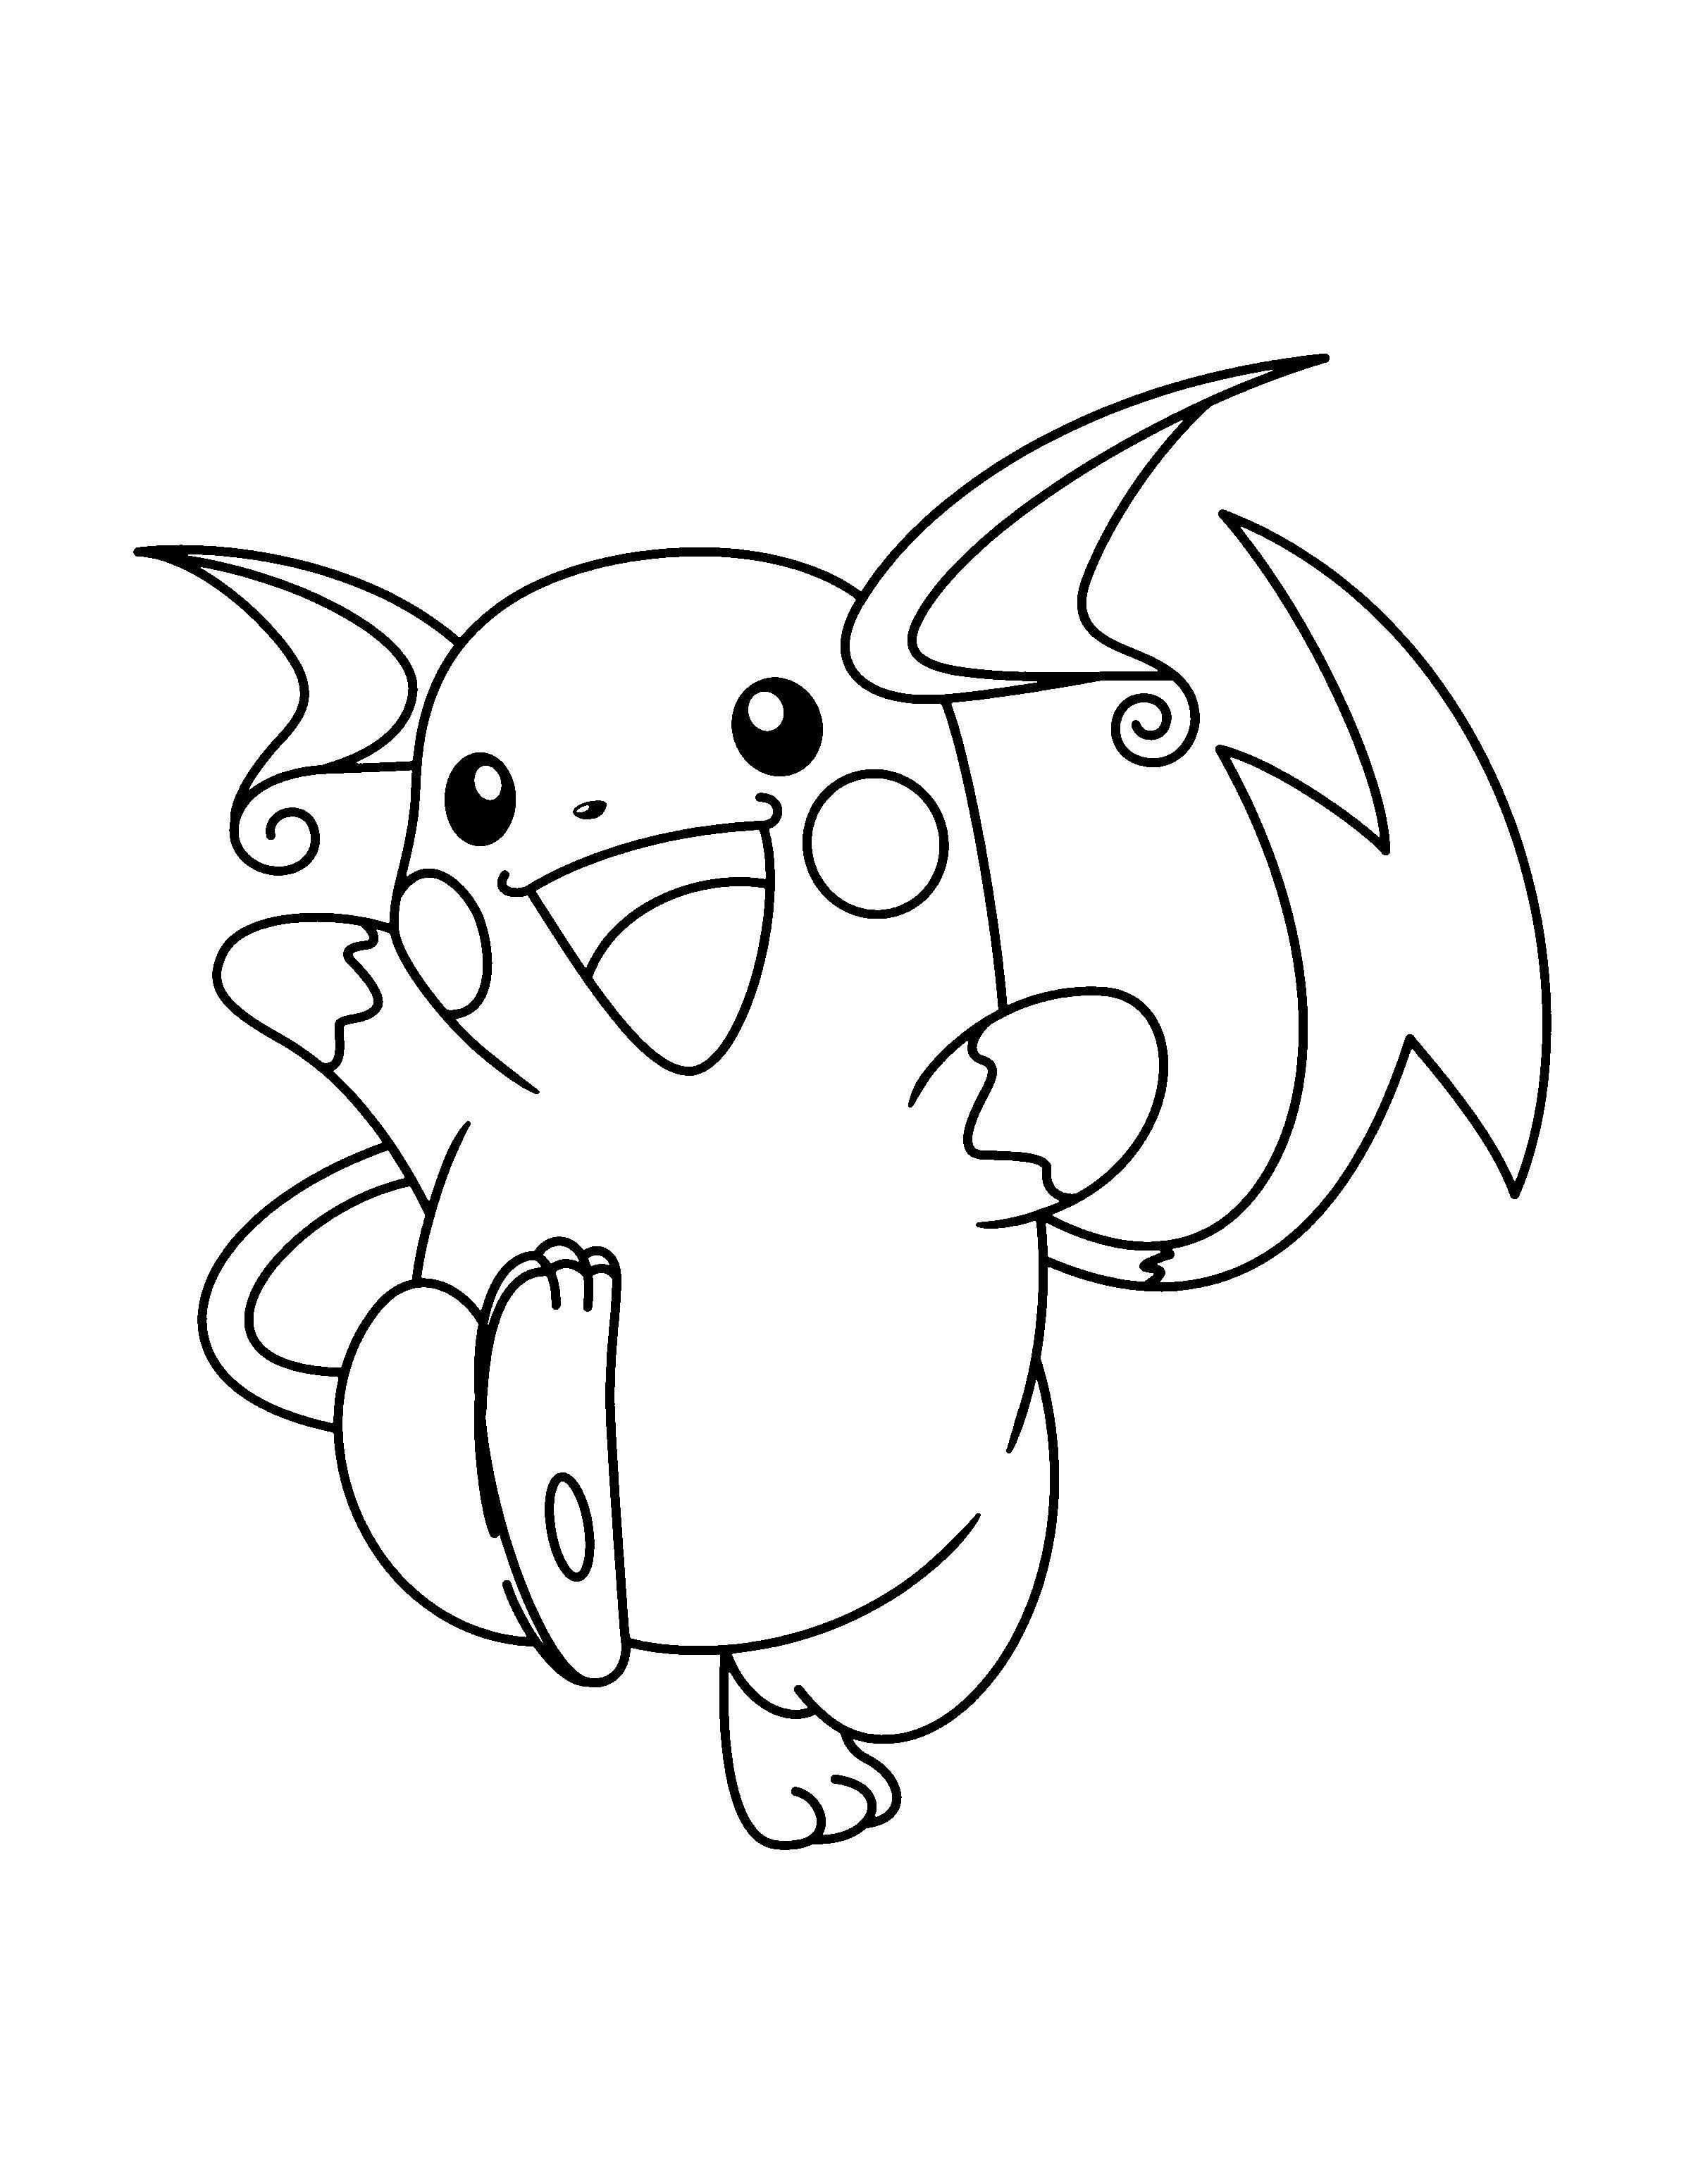 Alolan Raichu Coloring Page : alolan, raichu, coloring, Alolan, Raichu, Coloring, Beautiful, Pokemon, Trainer, Pages, Pages,, Drawings,